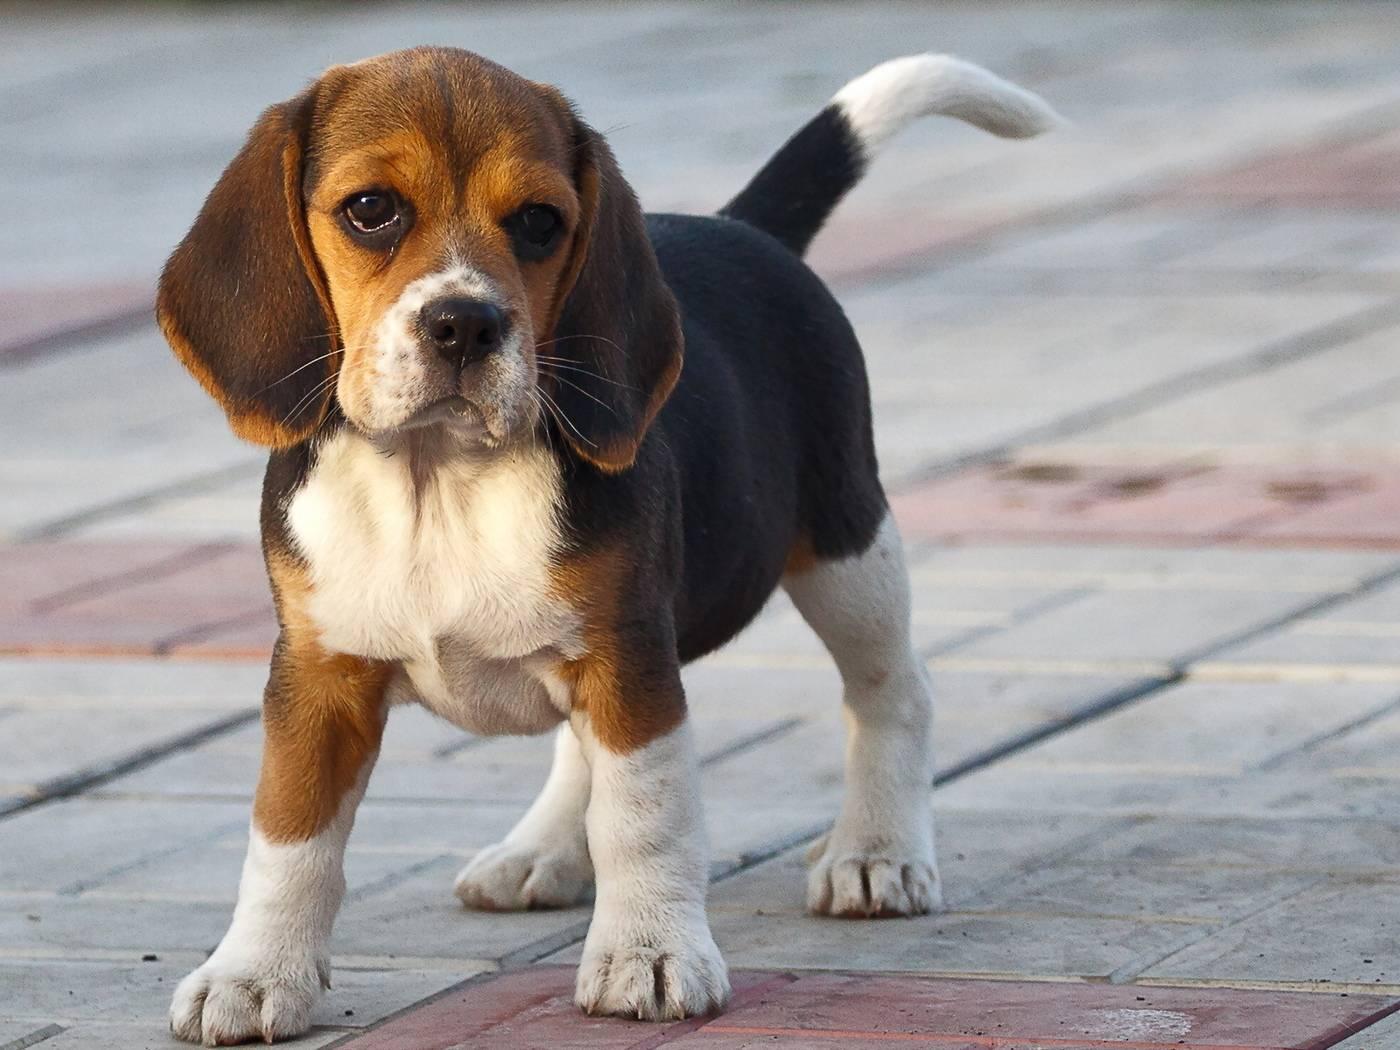 Бигли: харьер, английский, американский, европейский виды, маленькие (мини), карликовые собаки породы, их описание и фото, а также бывает ли черный окрас, биколор?